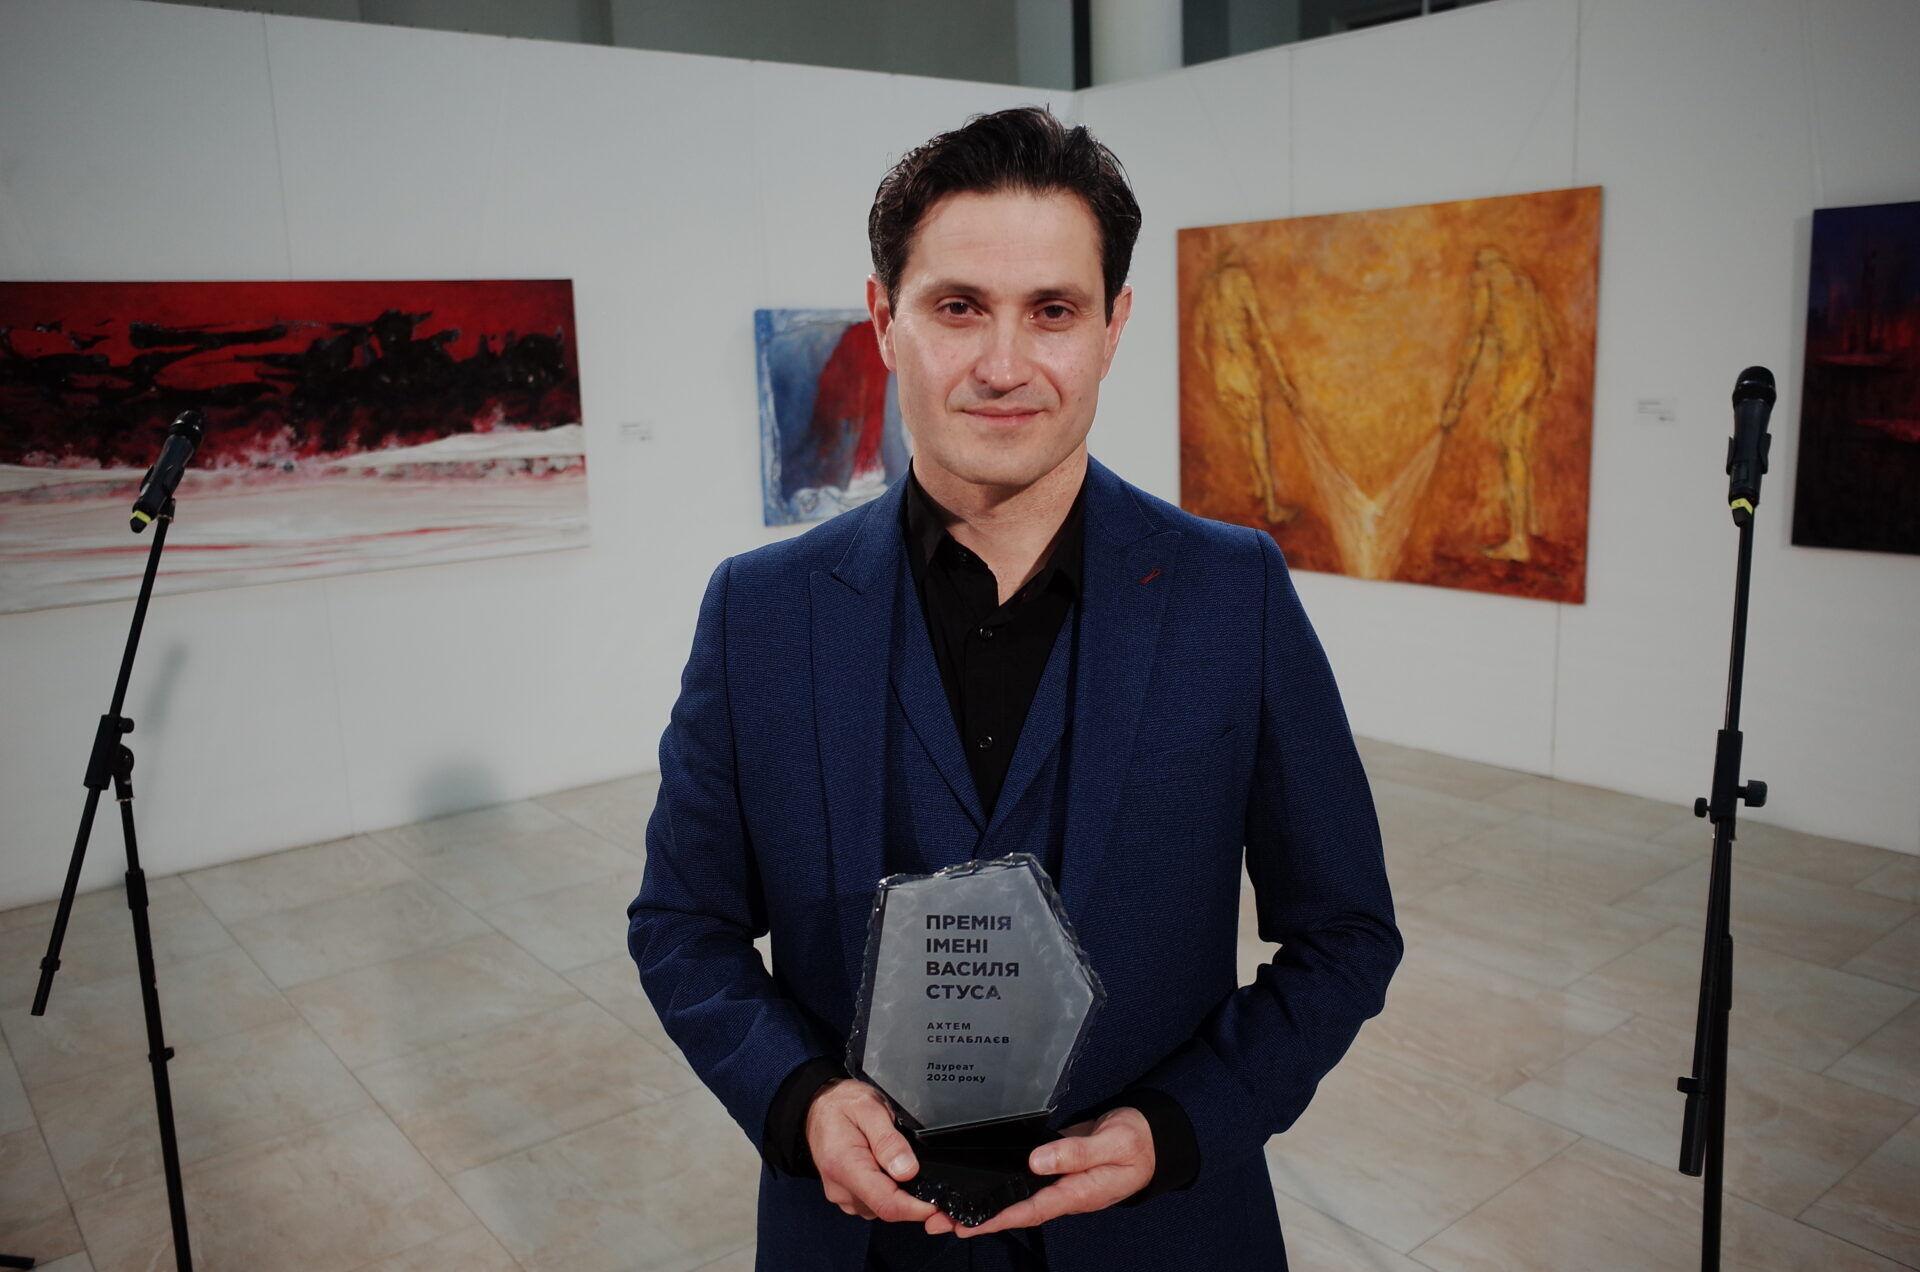 Ахтем Сеітаблаєв отримав престижну премію імені Василя Стуса.